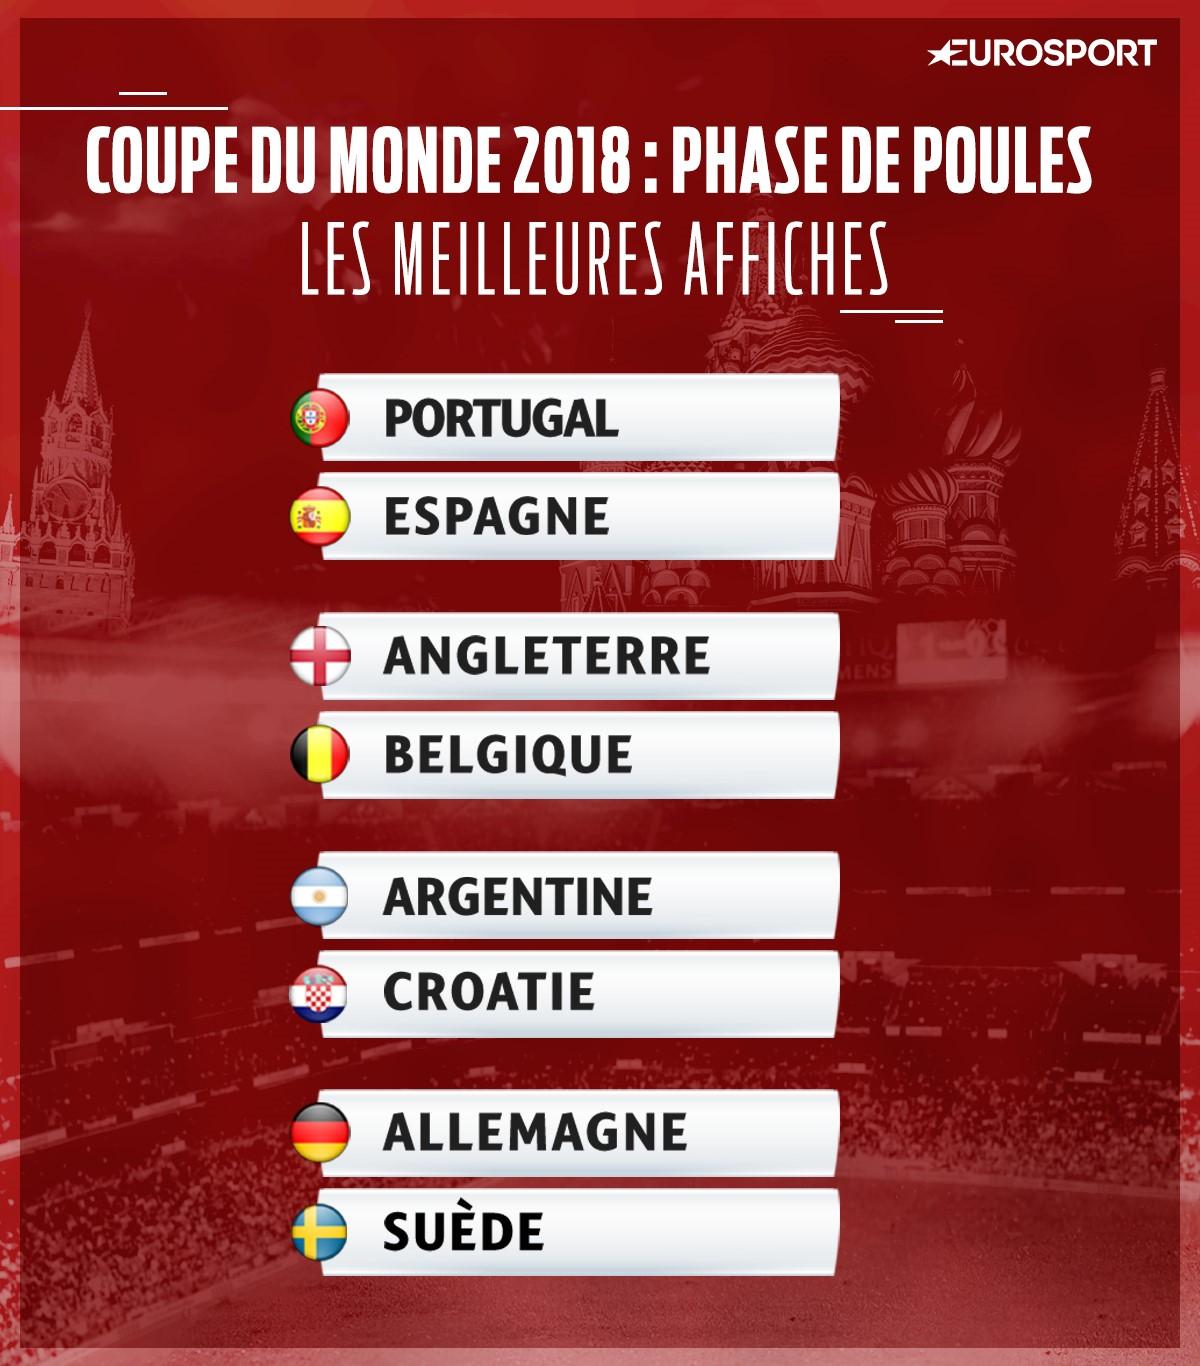 Les quatre matches du 1er tour ne surtout pas manquer coupe du monde 2018 football eurosport - 1er coupe du monde de football ...